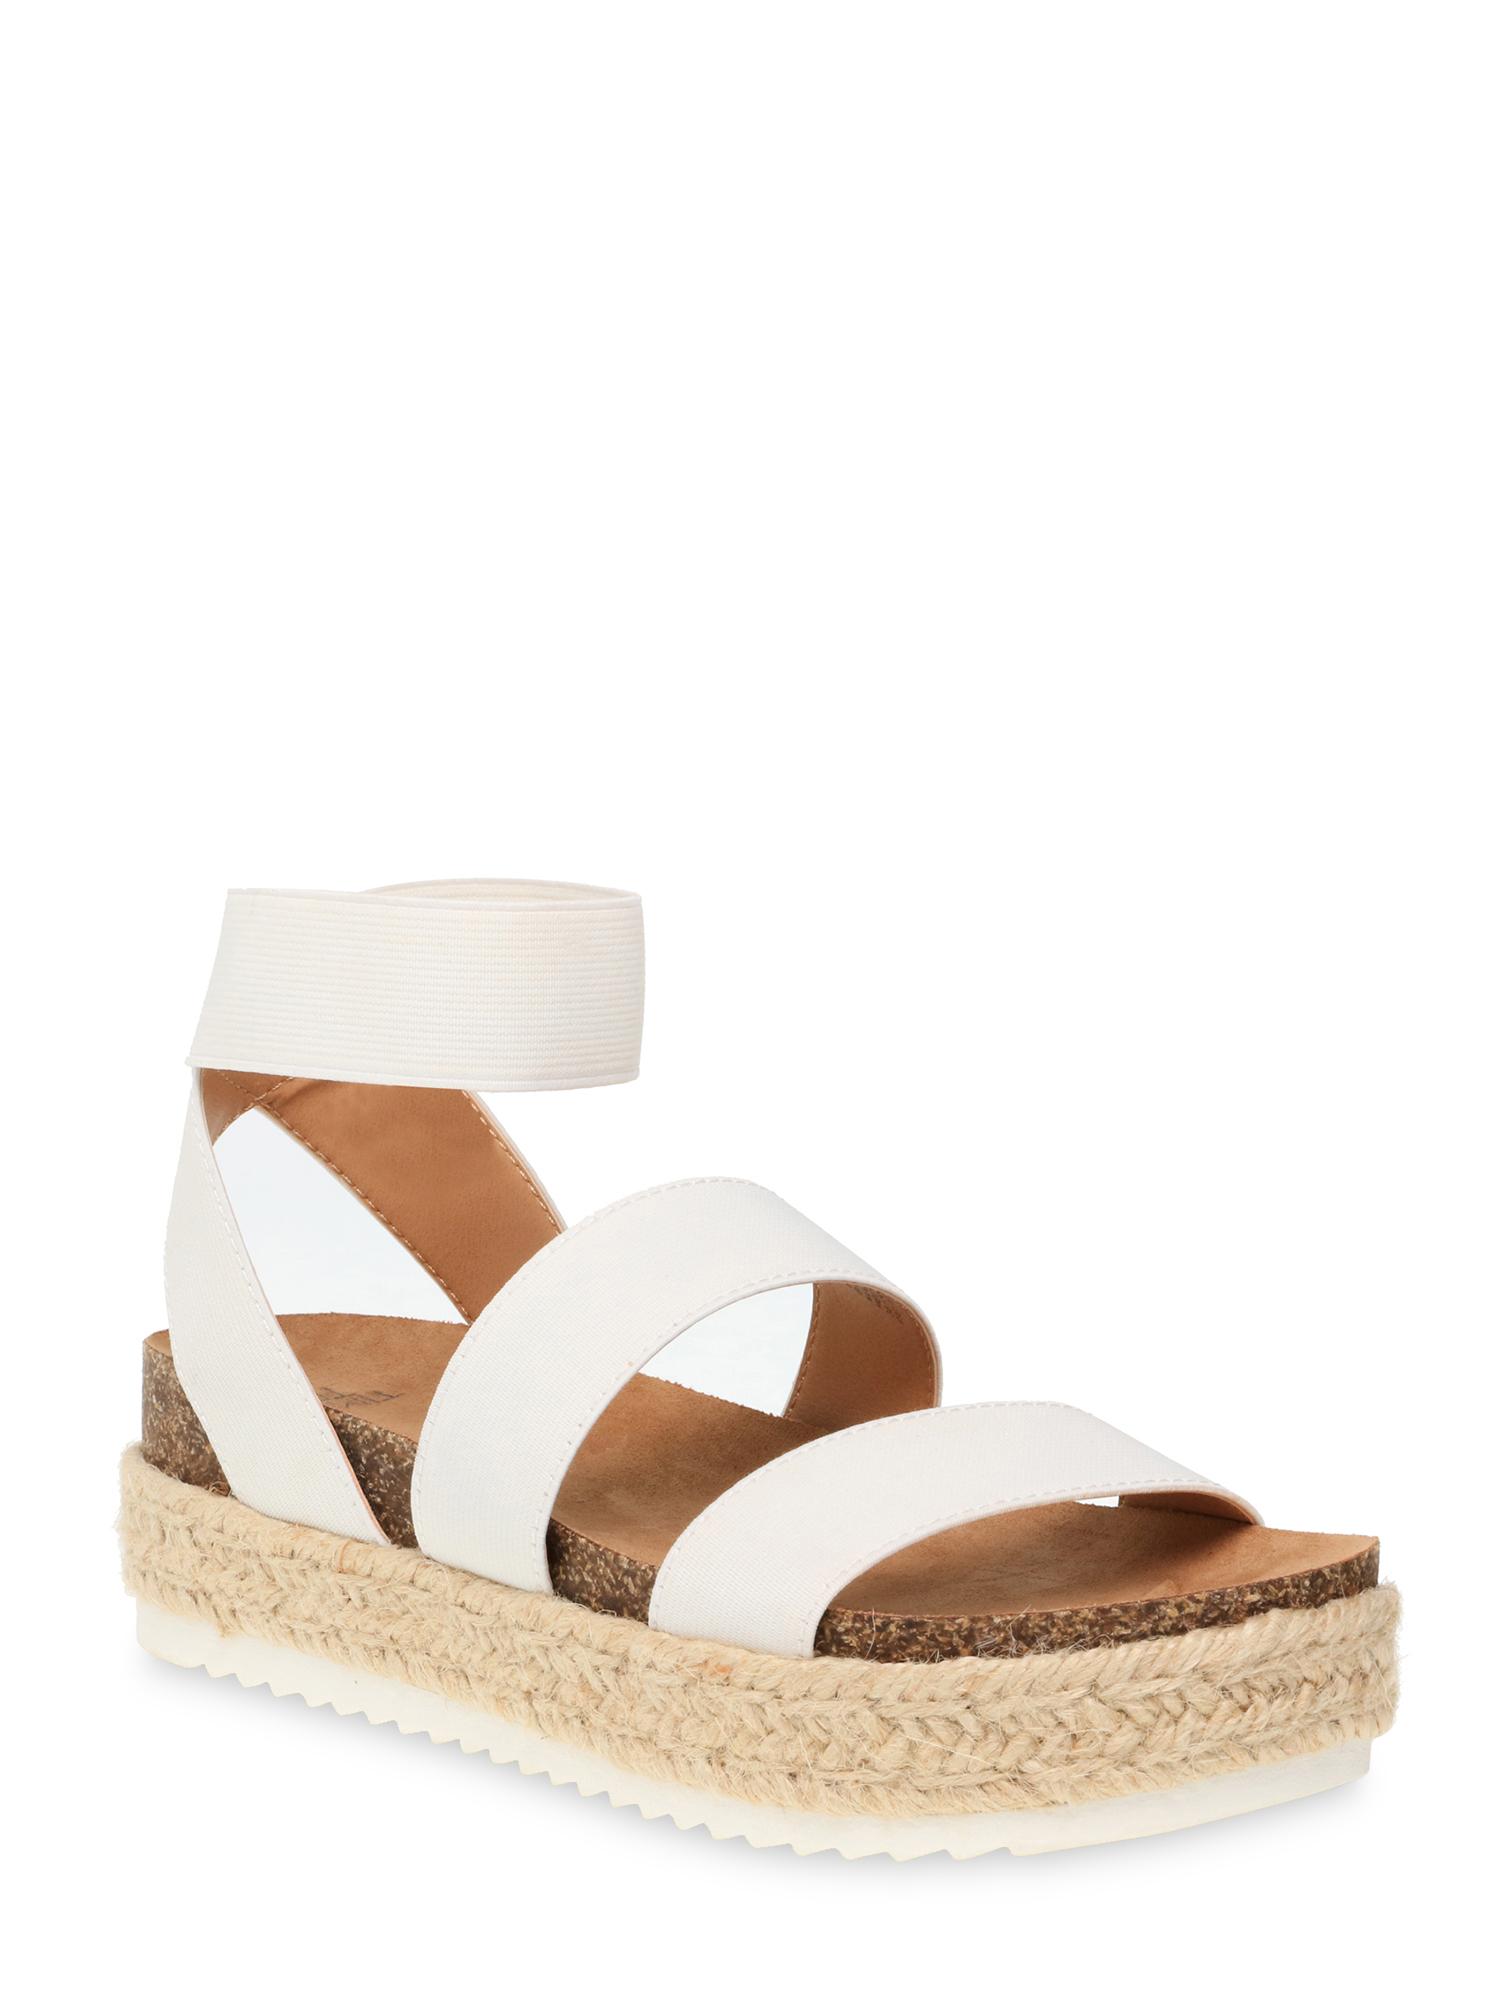 Tru Flatform Sandals